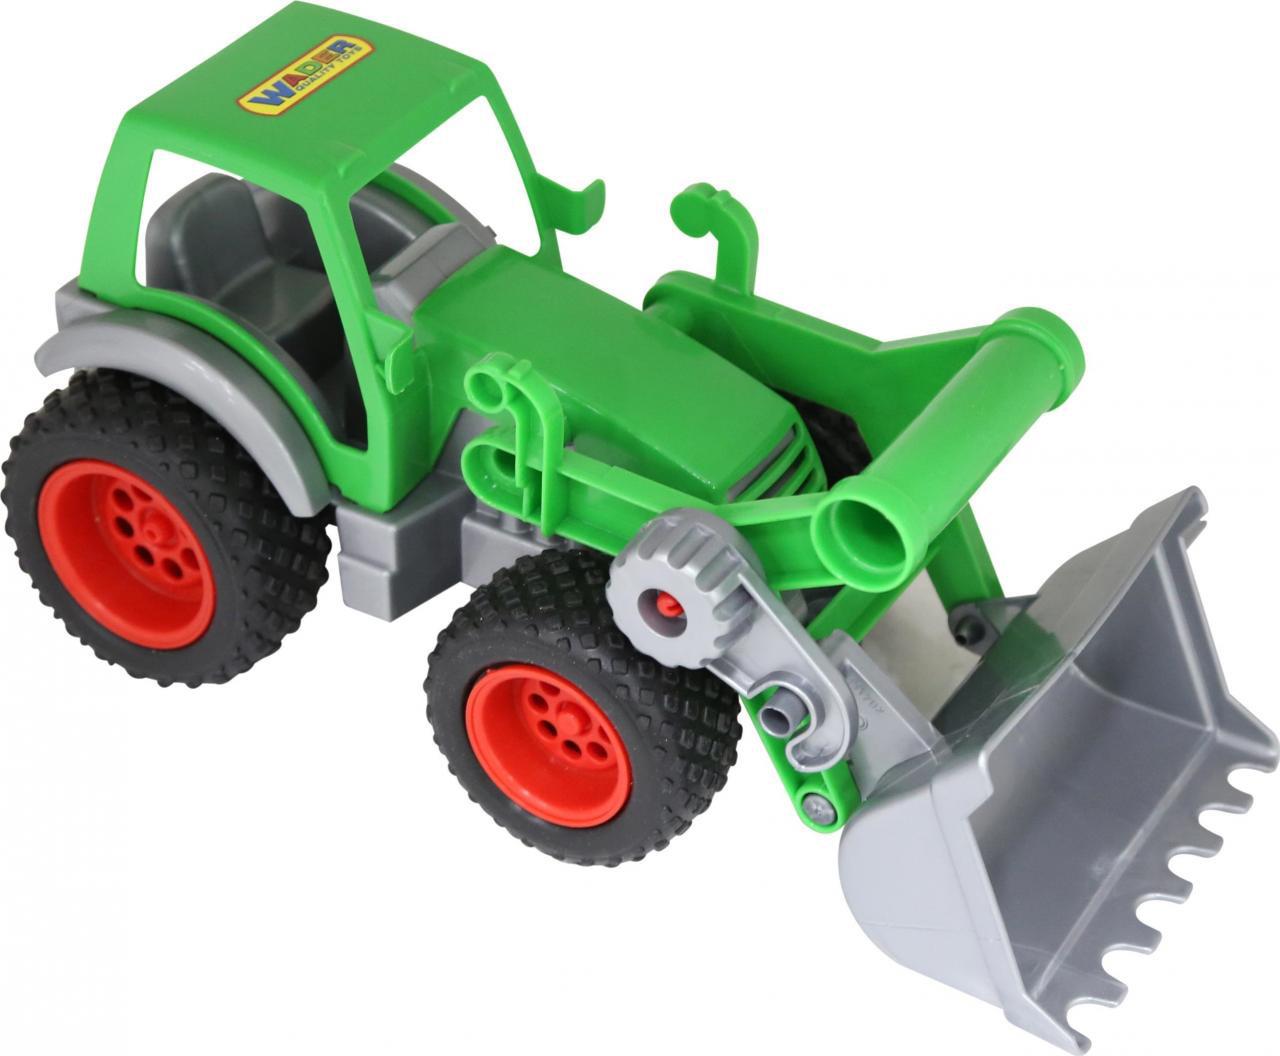 Трактор-погрузчик Полесье Фермер-техник, цвет в ассортименте трактор полесье трактор погрузчик умелец оранжевый 159238